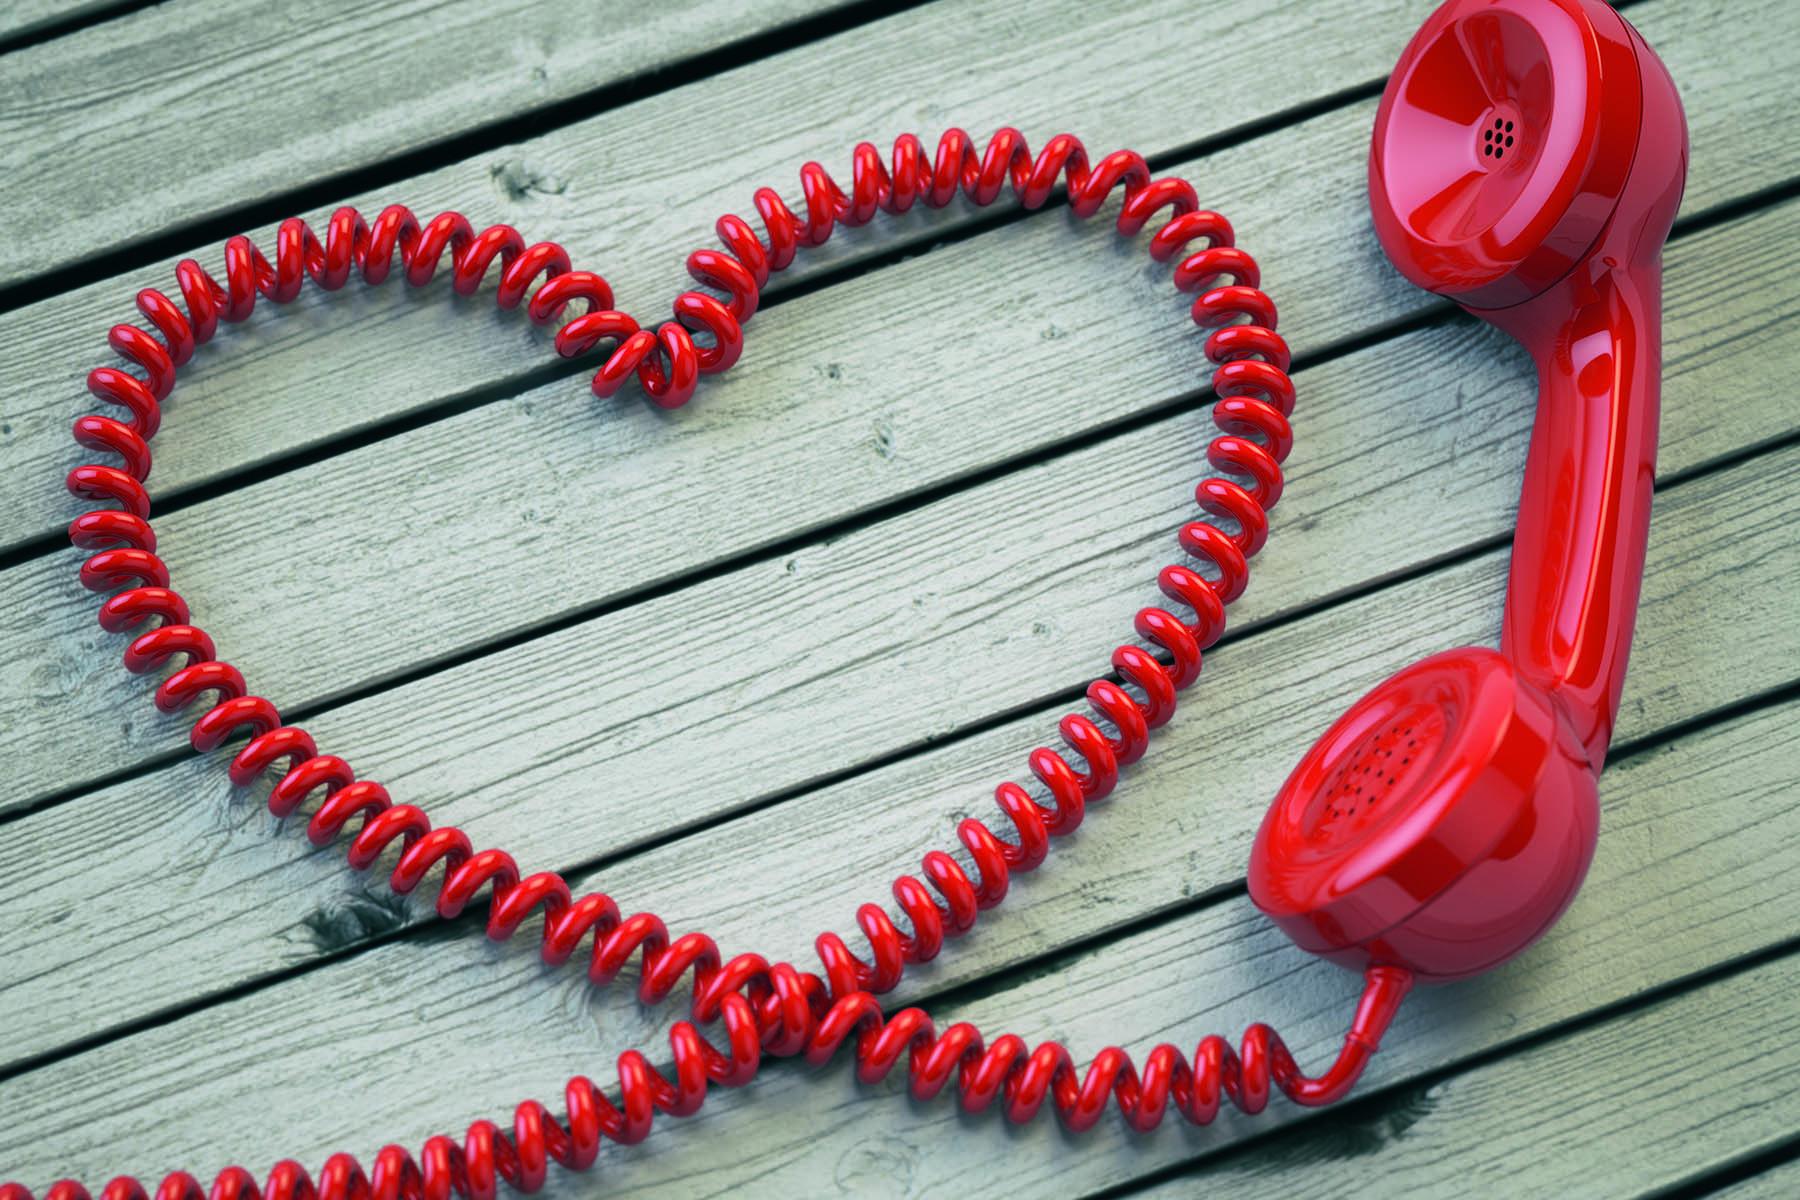 En röd telefonlur vars sladd formas till ett hjärta